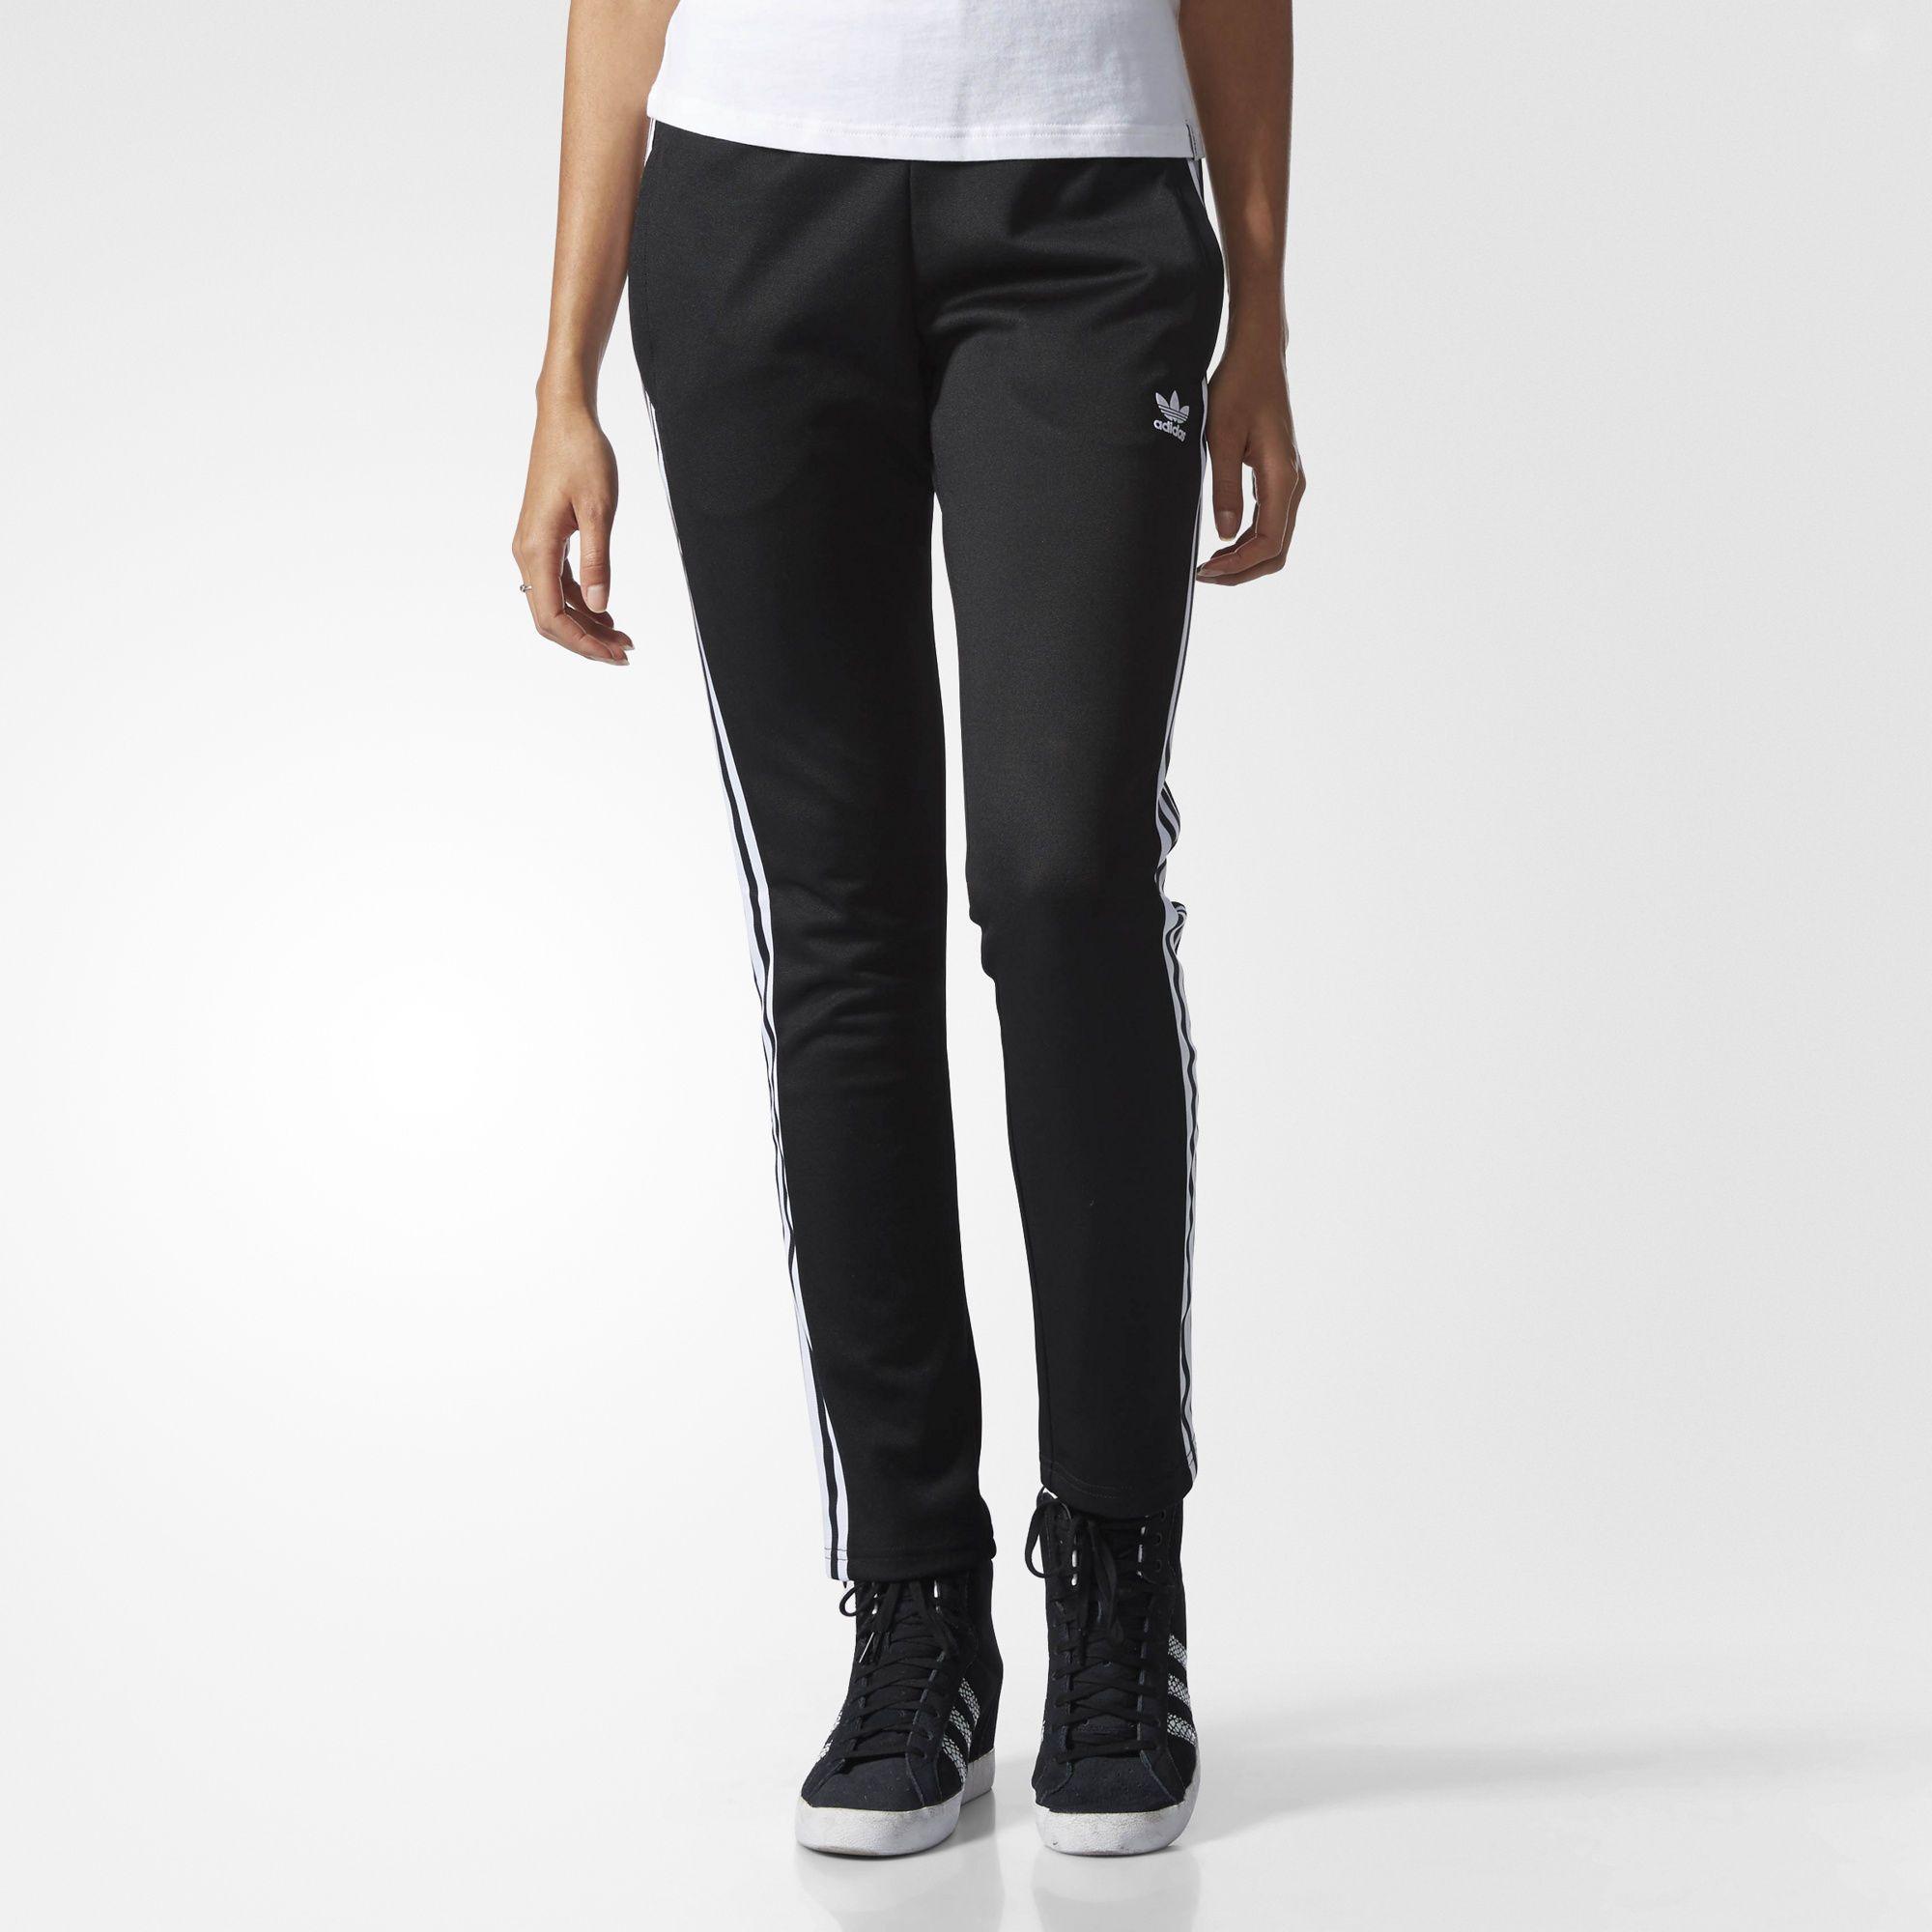 Verkauf Jogginghosen Streifen Hose Originals Schwarz Adidas